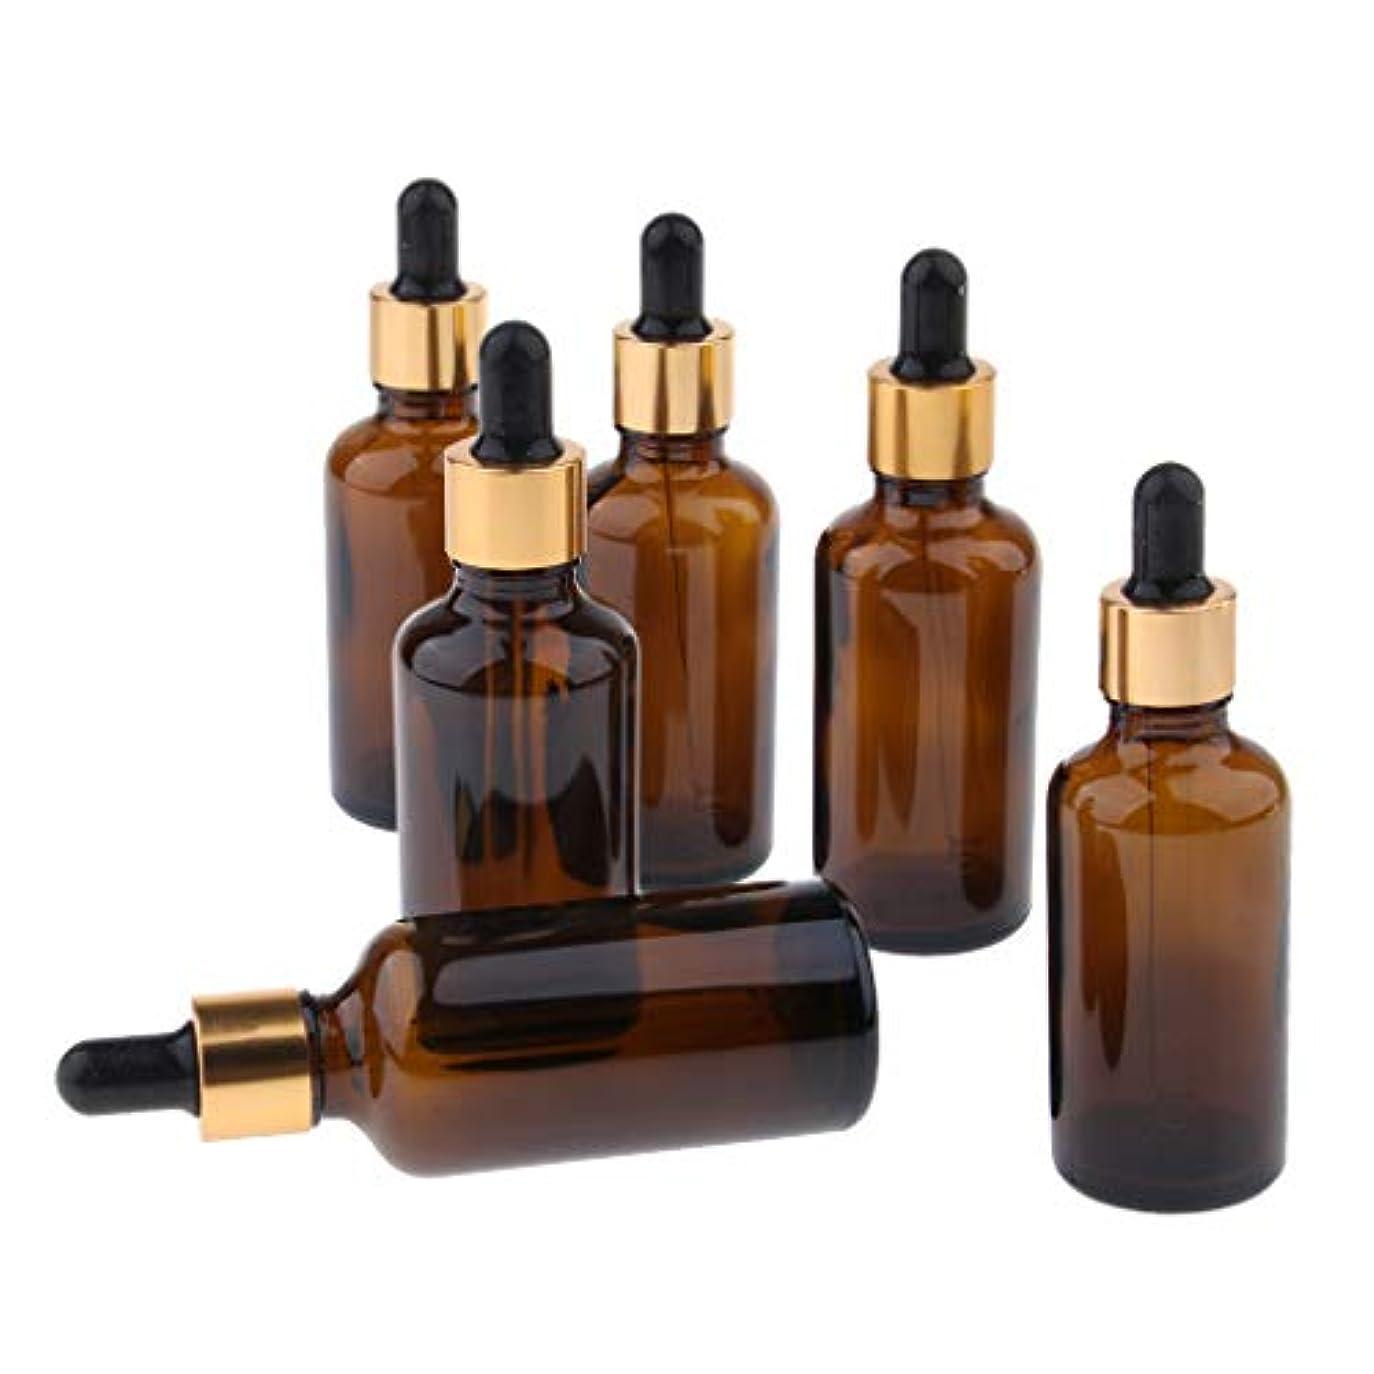 どこか不変徴収Baoblaze 6個 精油瓶 遮光瓶 空瓶 ガラス 分け瓶 香水瓶 オイルボトル スポイト 詰め替え 旅行 マルチ容量選択 - 50ml